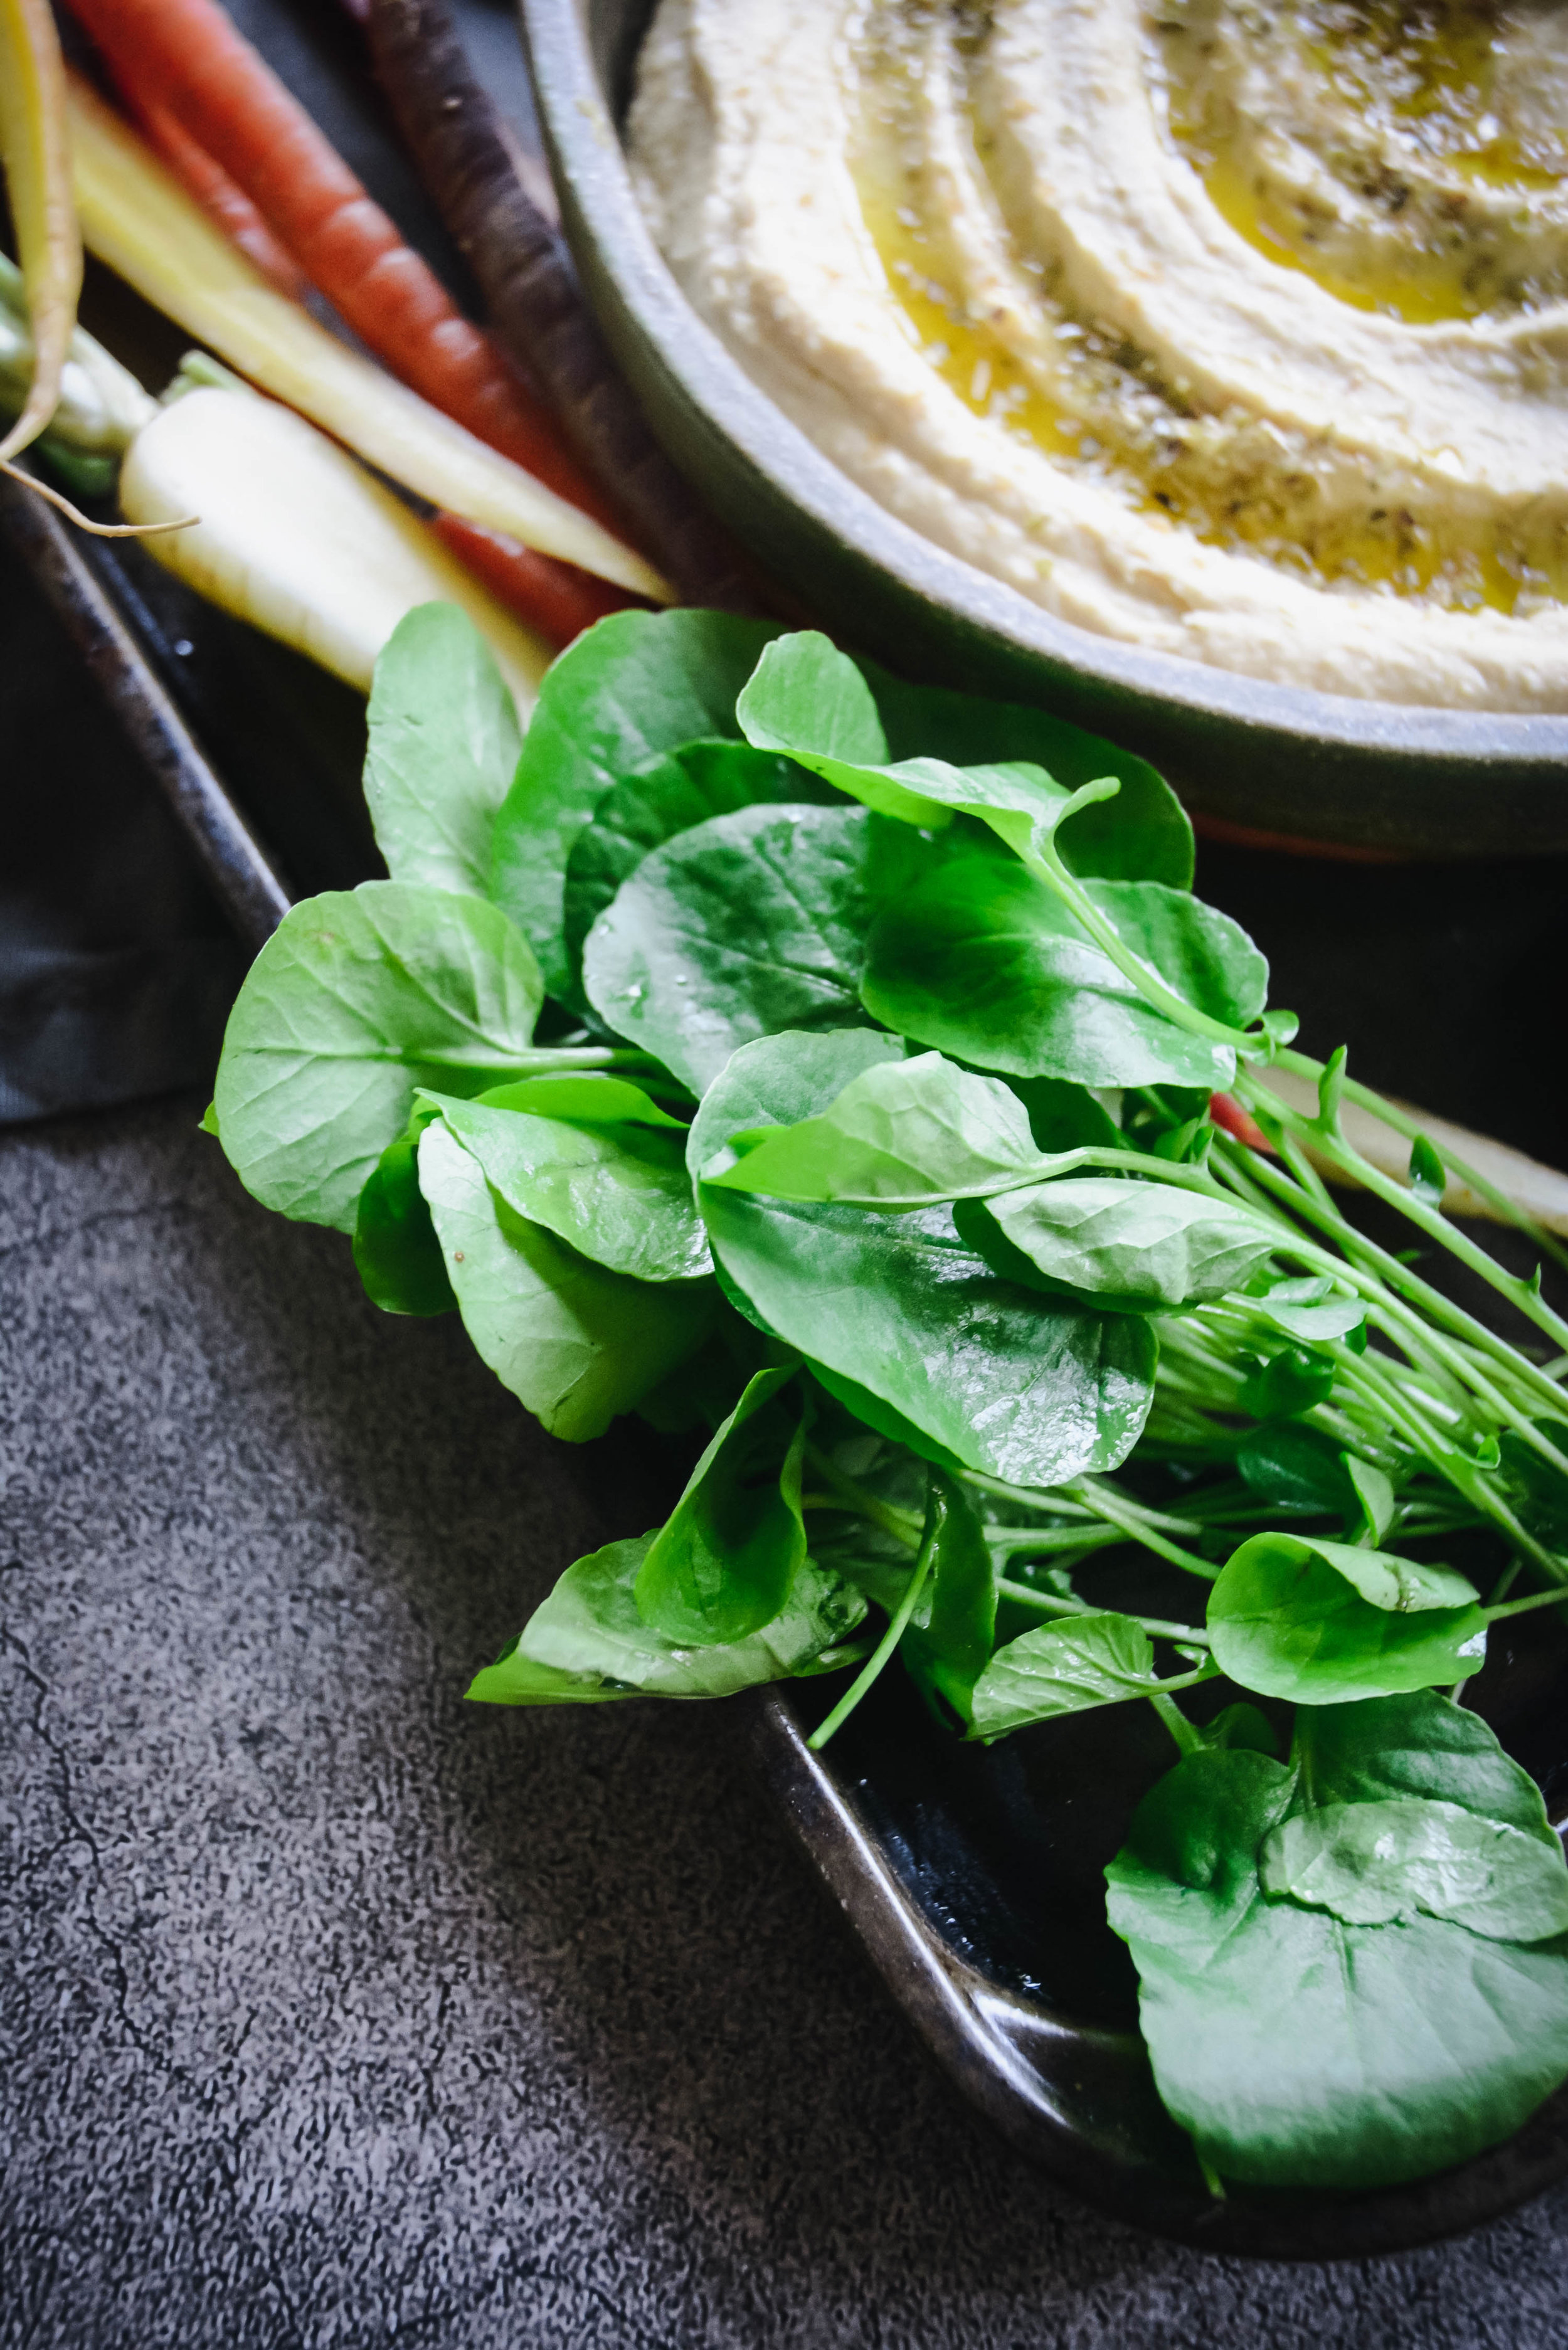 greens and hummus